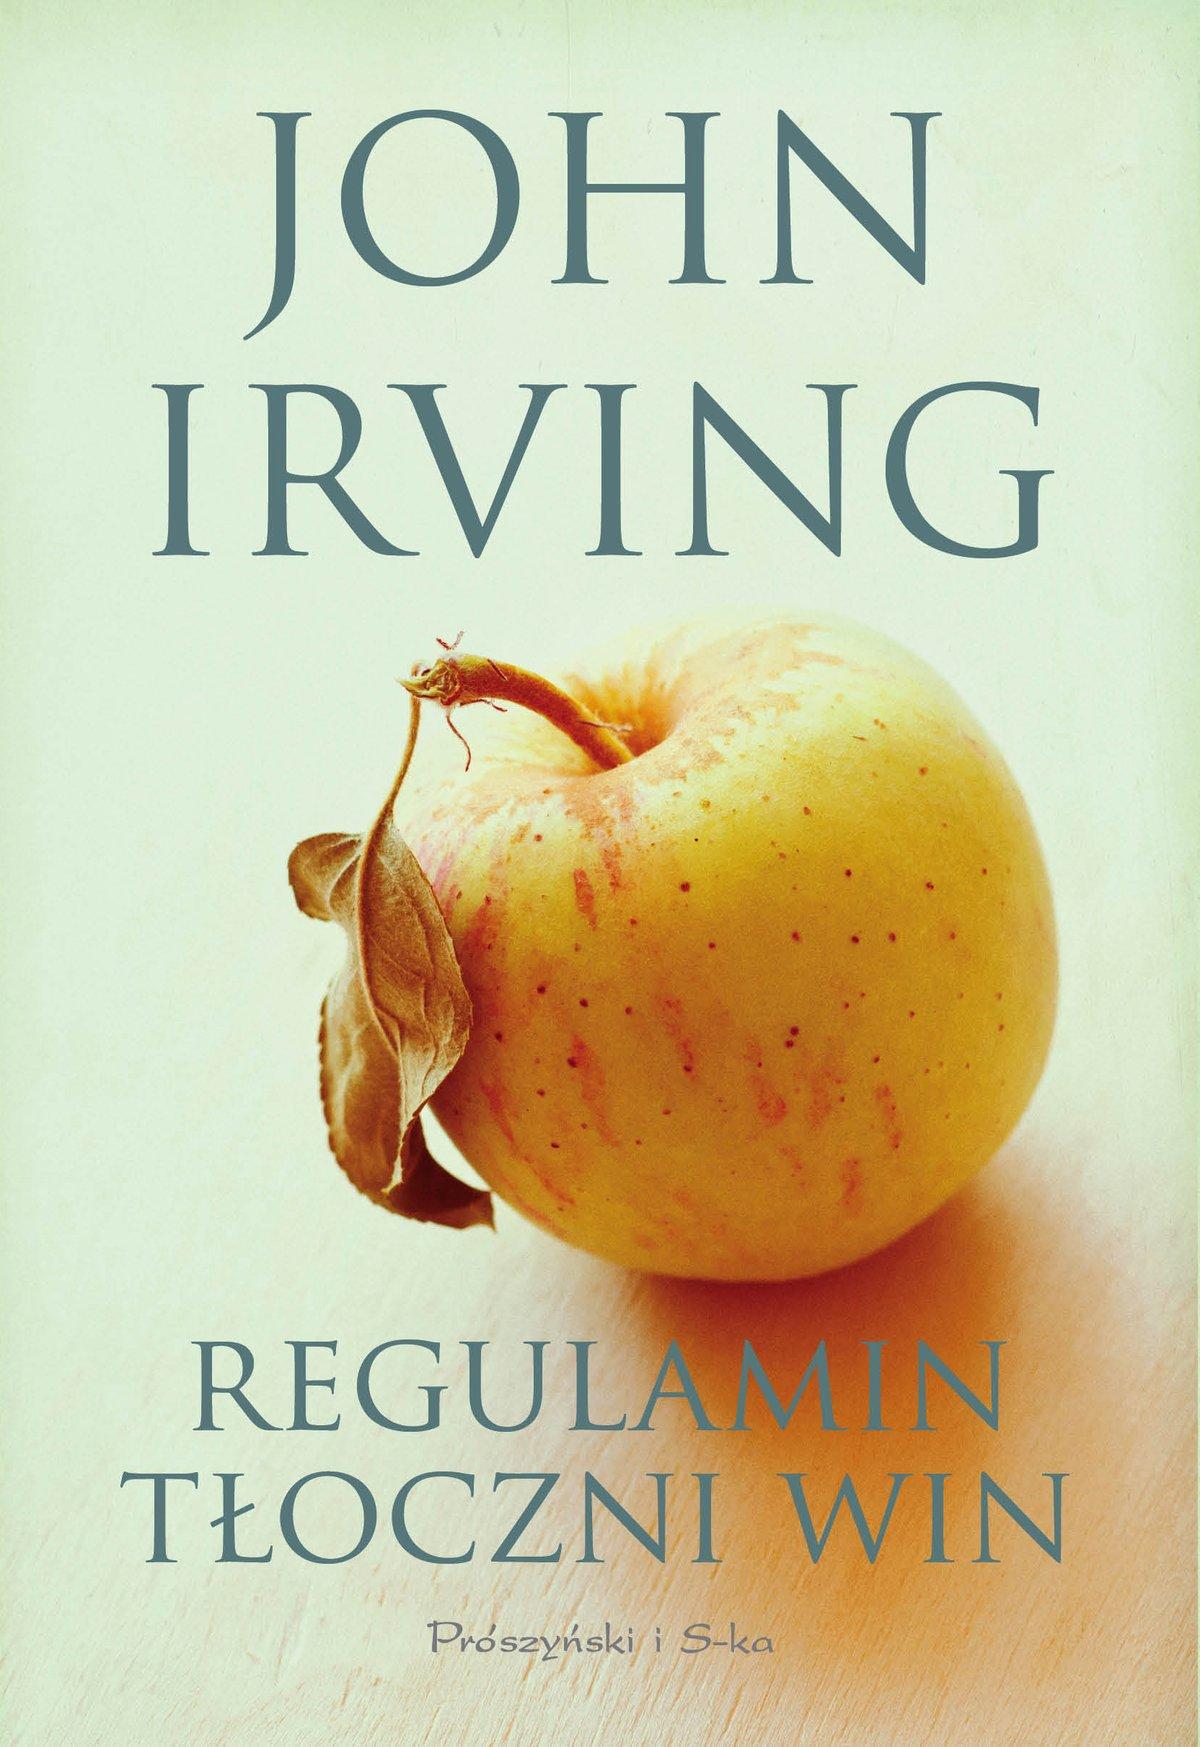 Regulamin tłoczni win. Wydanie 2 - Ebook (Książka na Kindle) do pobrania w formacie MOBI